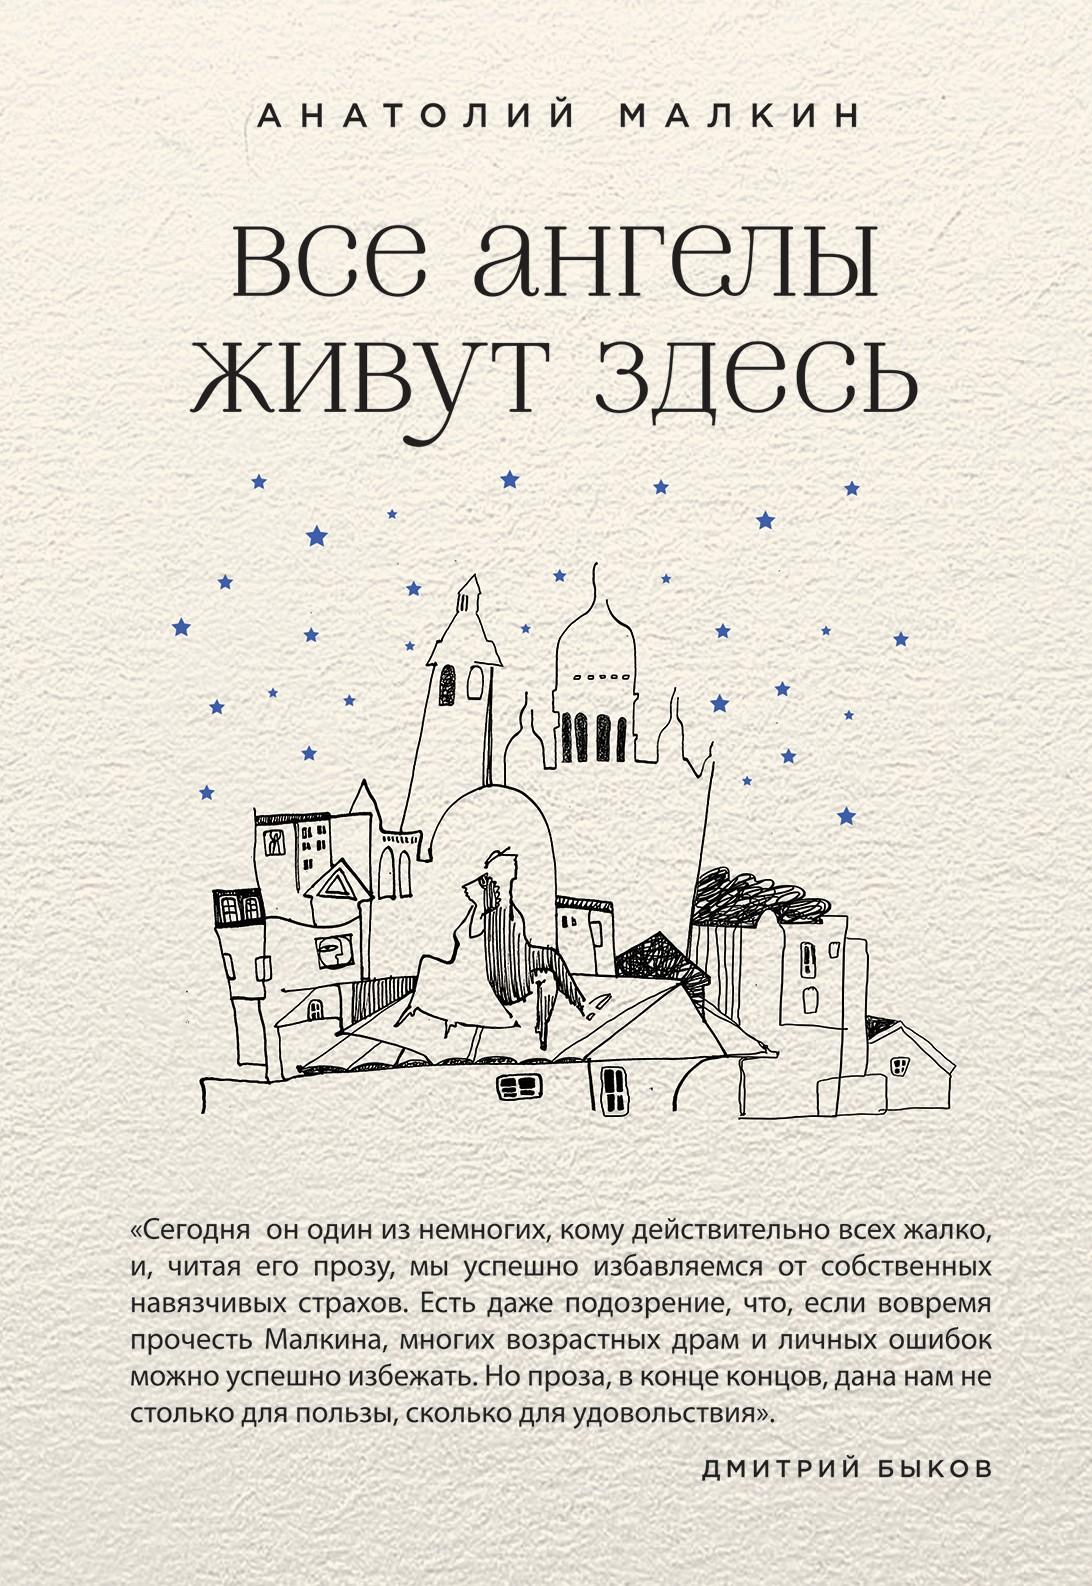 Анатолий Малкин Все ангелы живут здесь (сборник) анатолий малкин почти все о женщинах и немного о дельфинах сборник